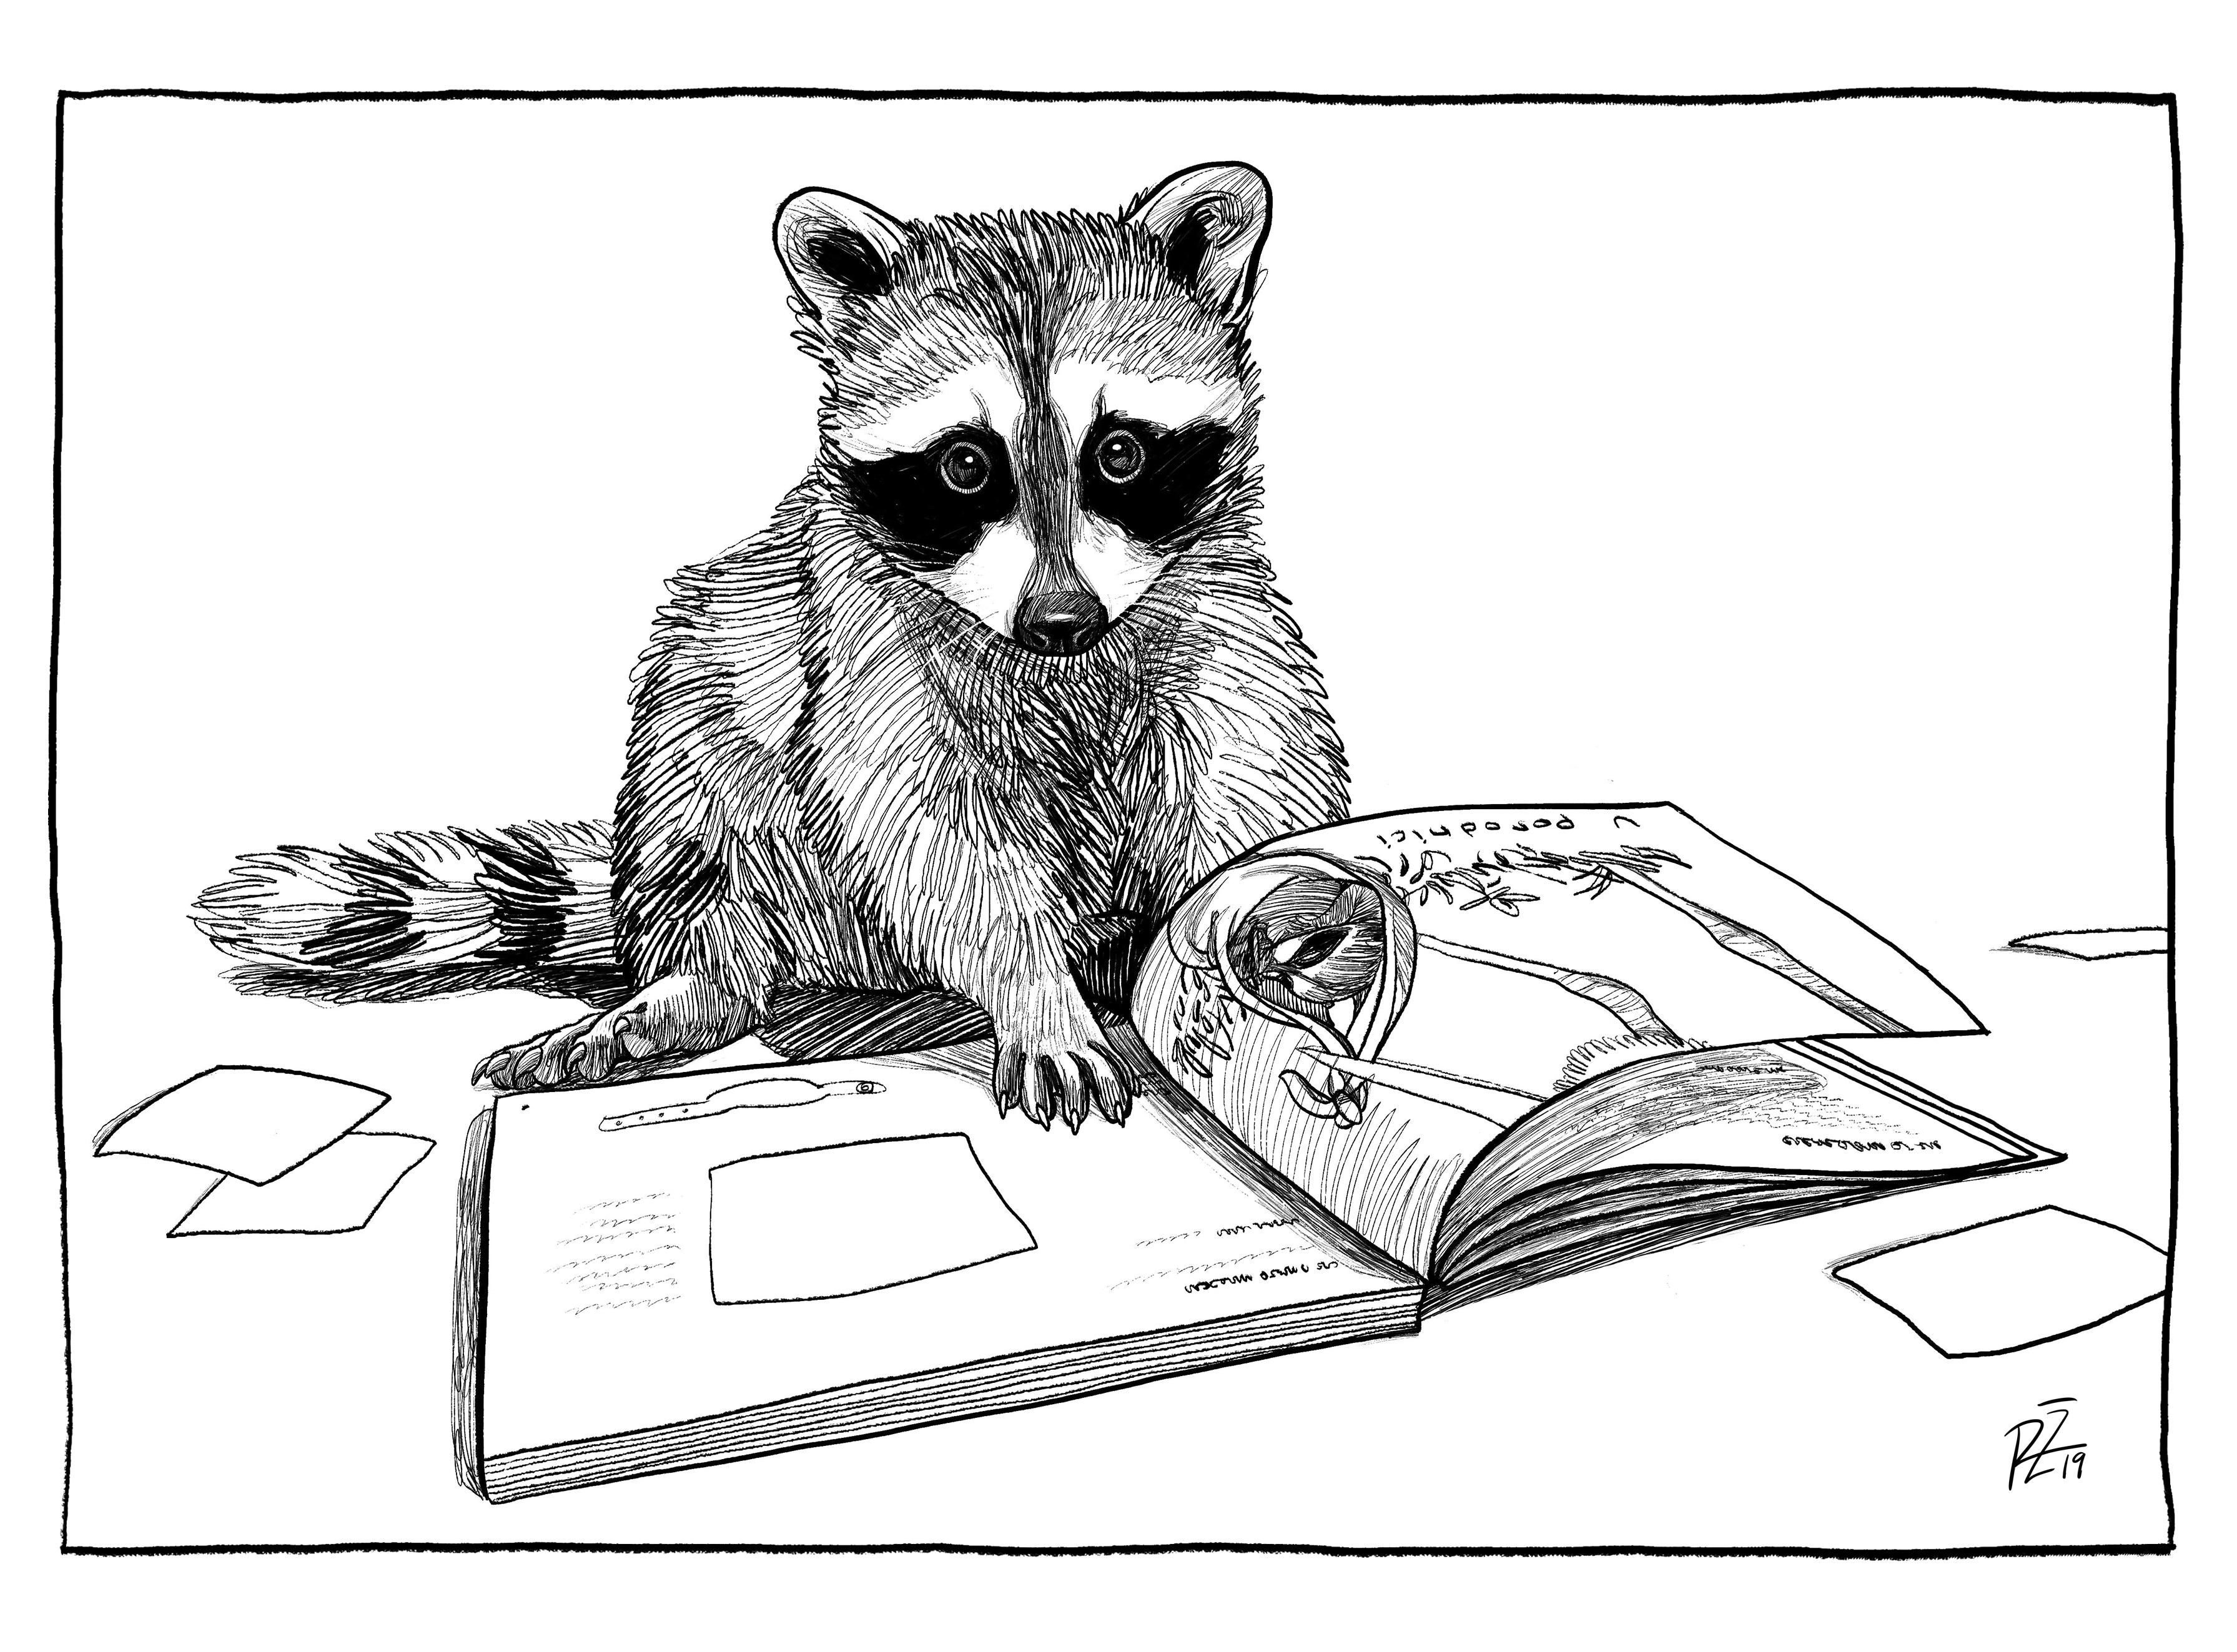 Jak se vydává knížka? Horko těžko.